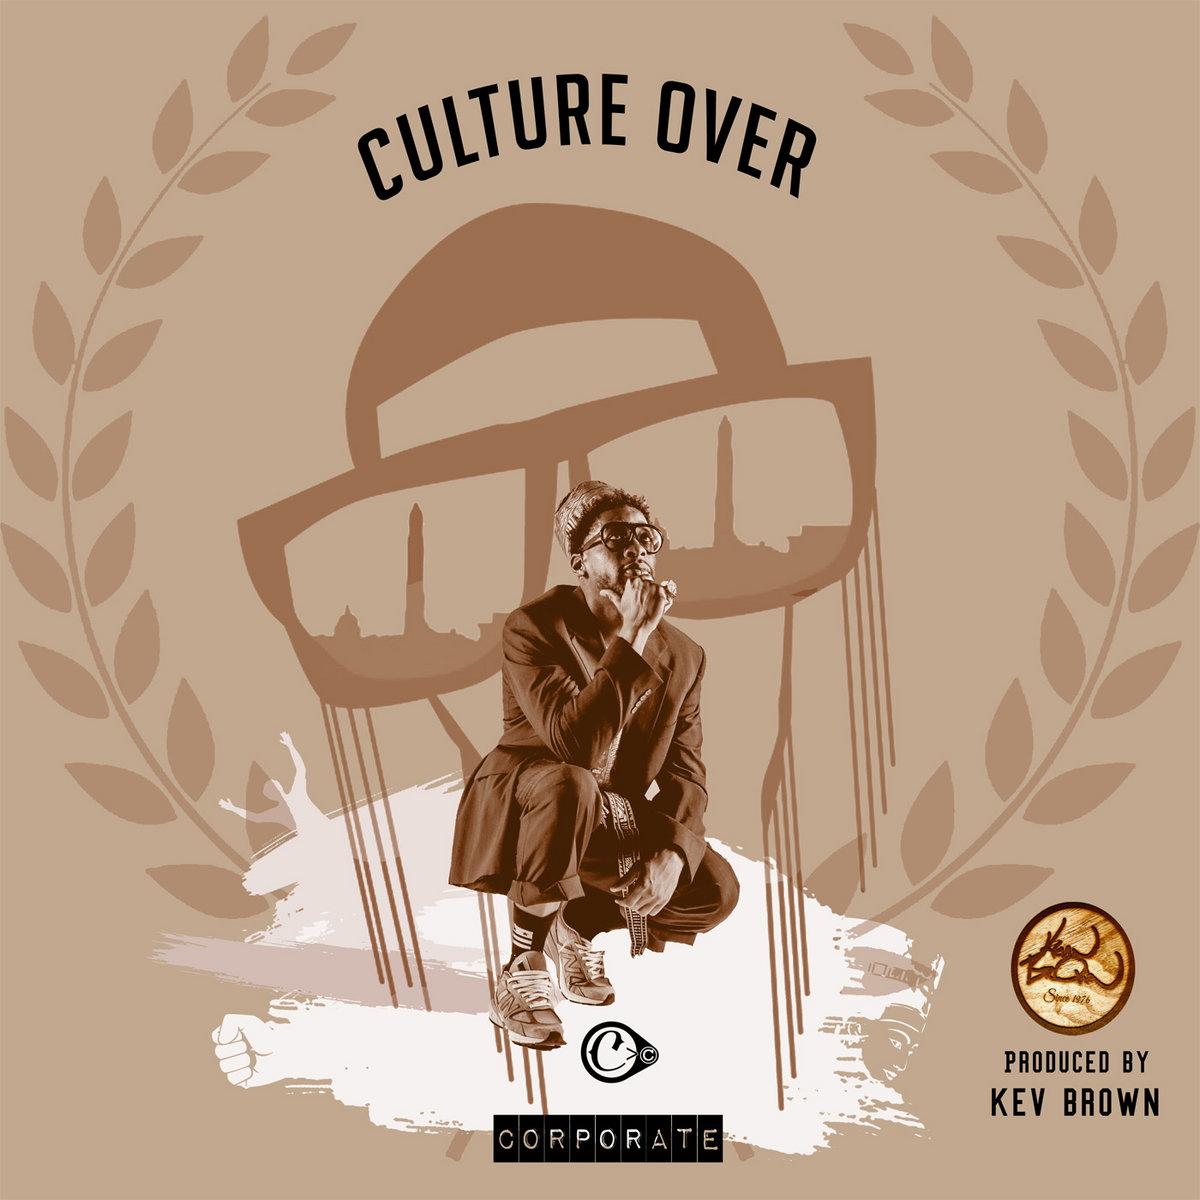 Culture_over_corporate_vol_._ii_uptown_xo